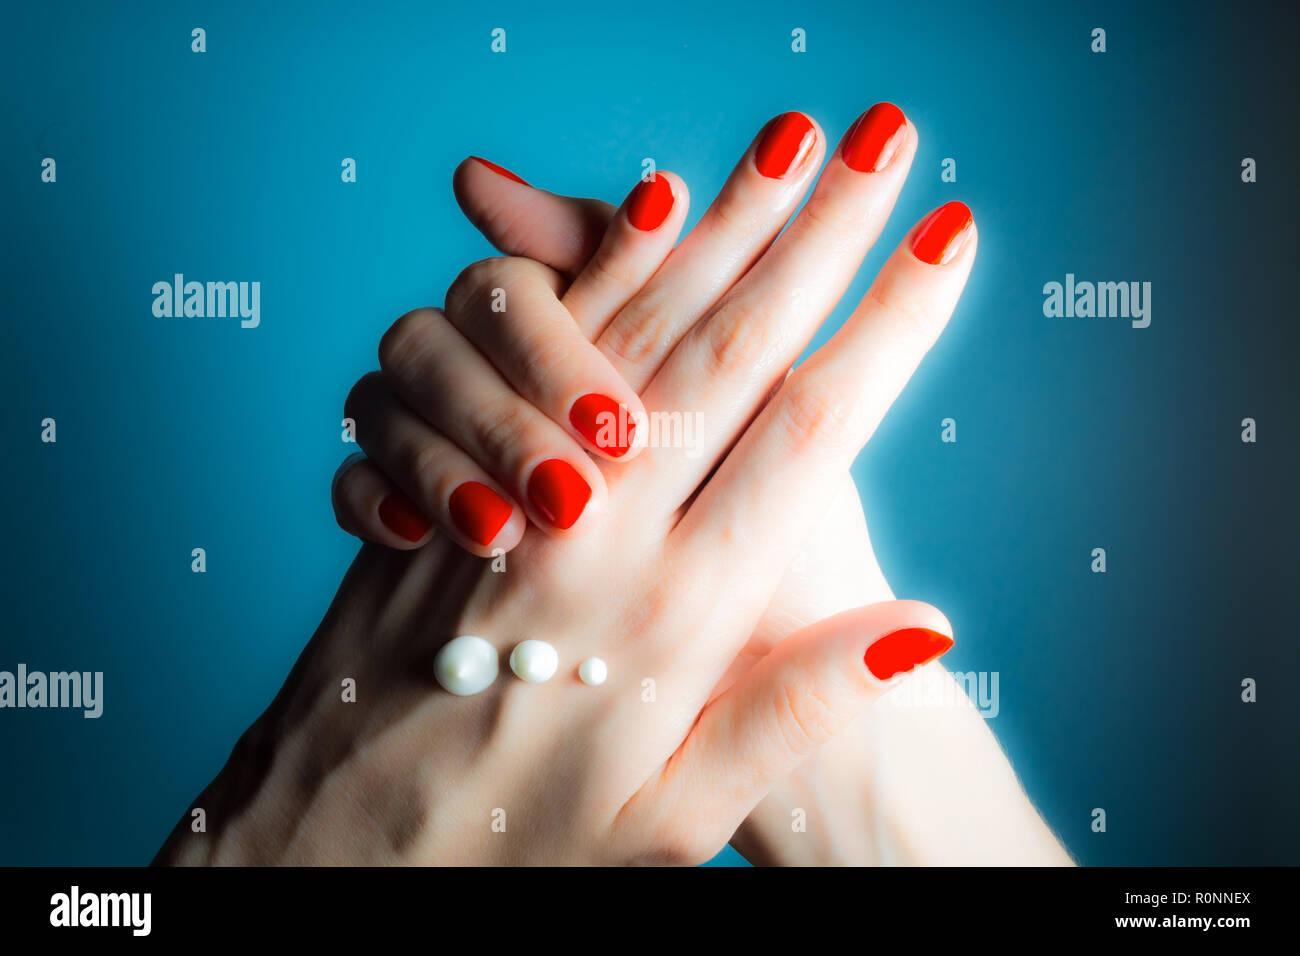 Hände von einem jungen Mädchen mit roten Nägeln und Tropfen Creme close-up auf einem blauen Hintergrund Stockfoto